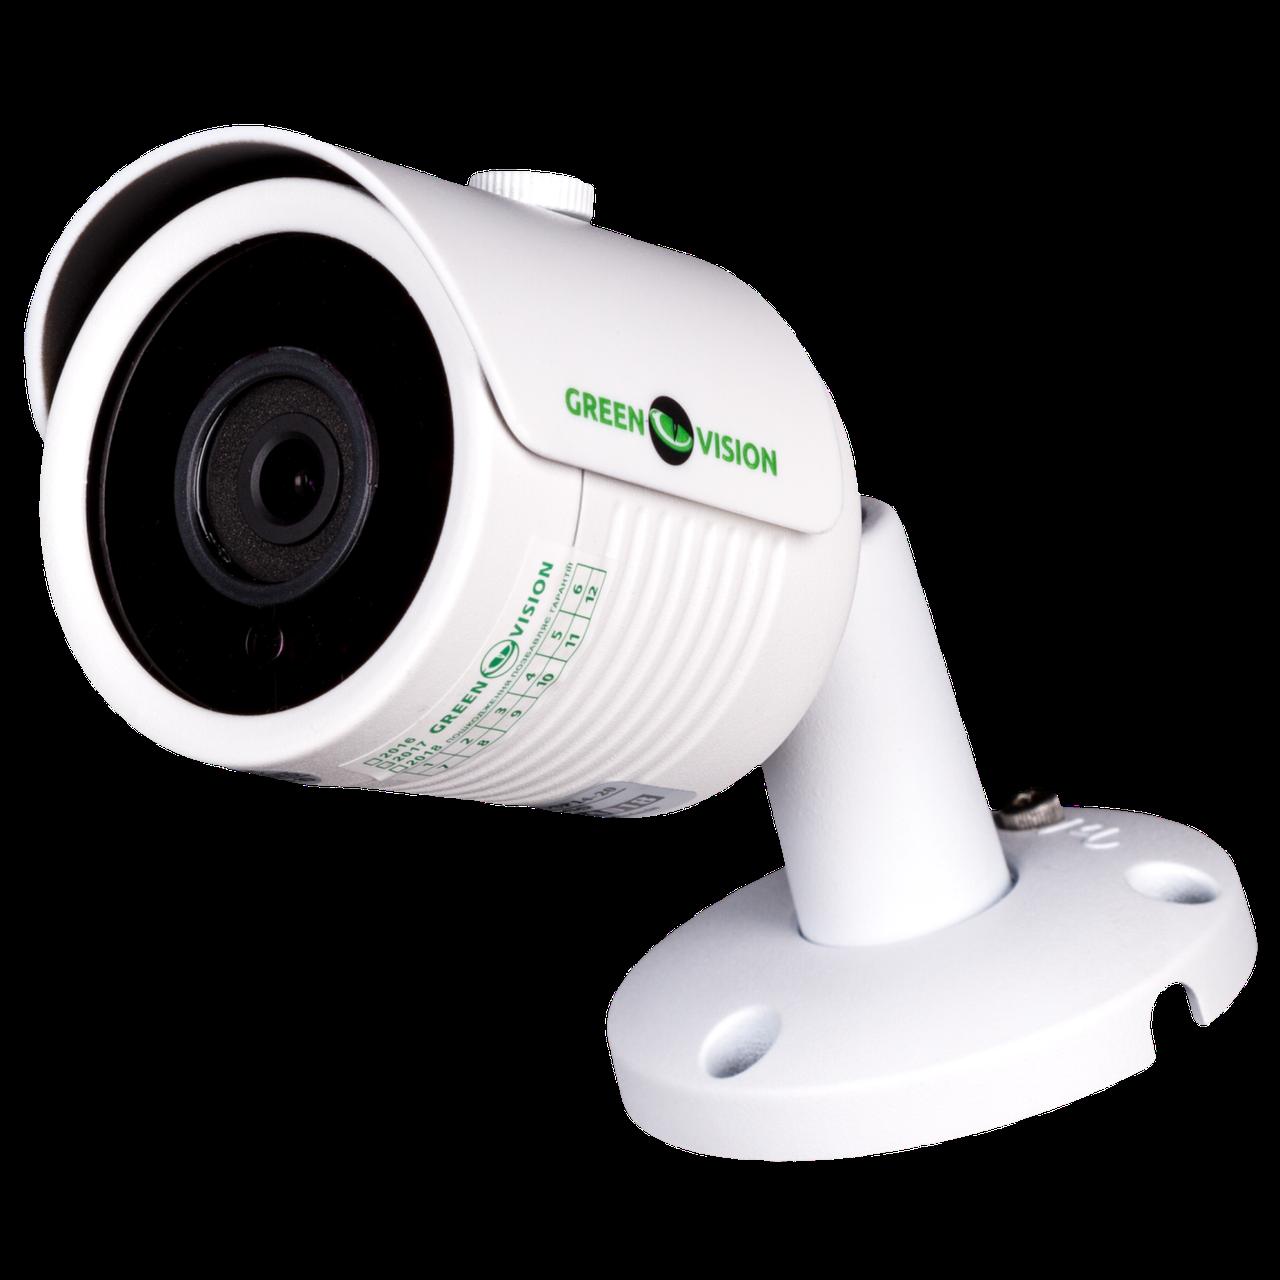 Наружная IP камера GreenVision GV-007-IP-E-COSP14-20